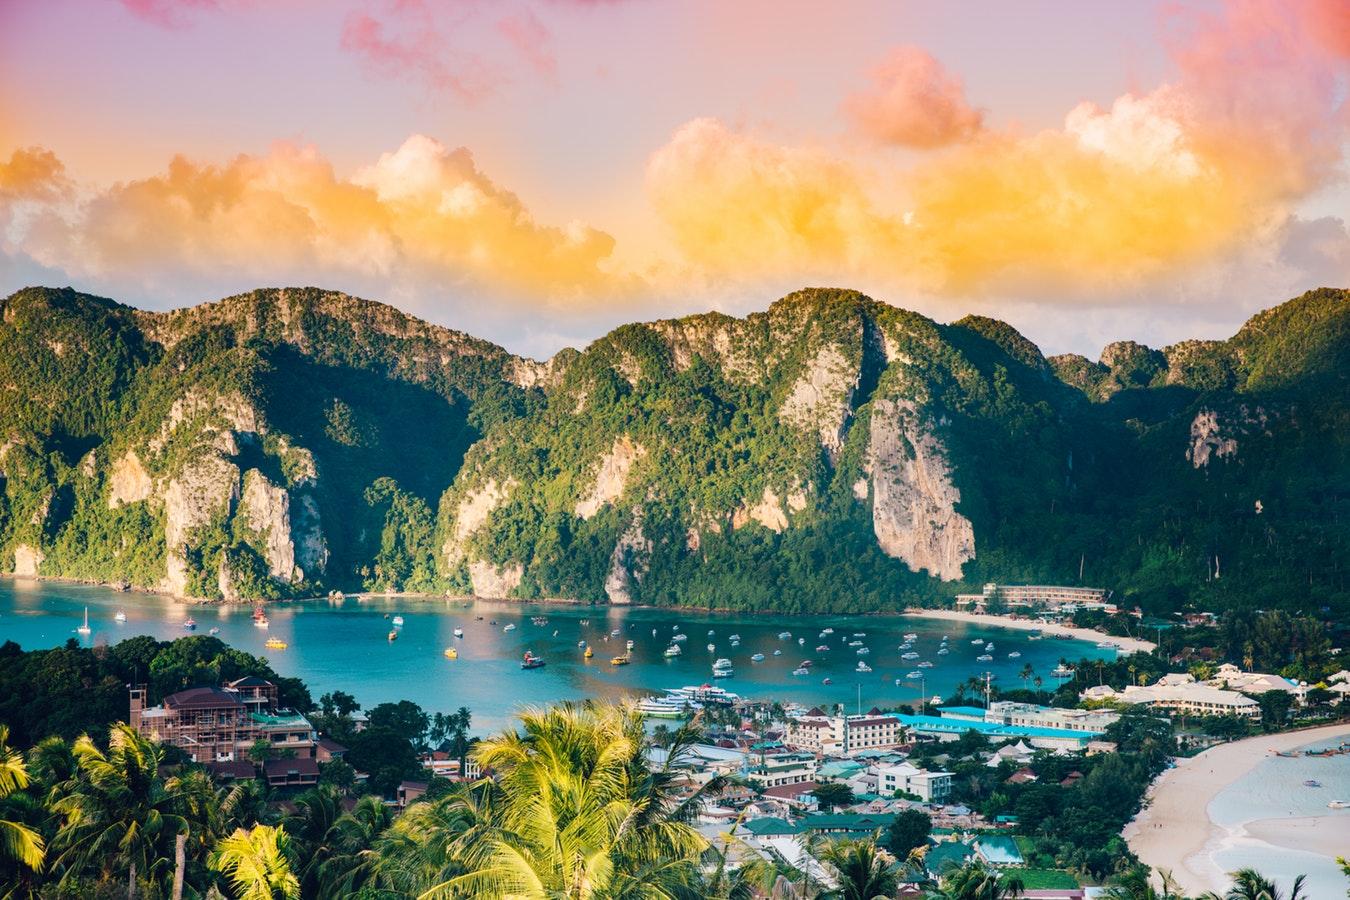 La Thaïlande ou la promesse d'une retraite au soleil enchanteresse.